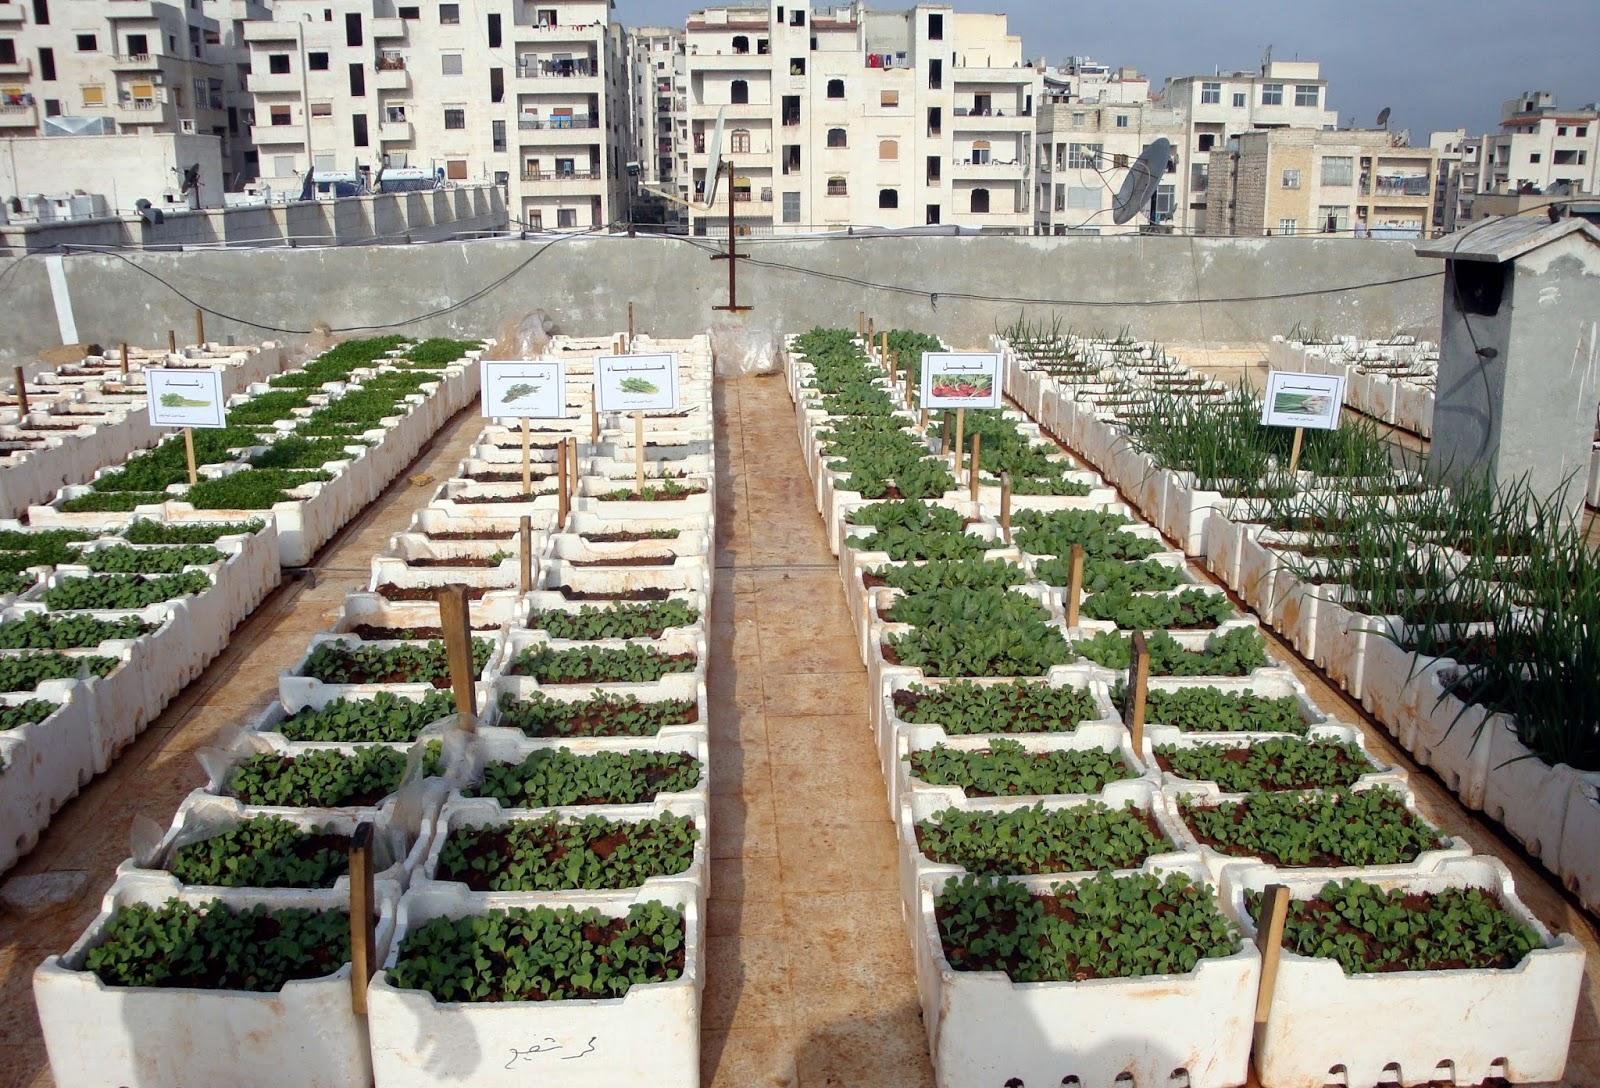 دراسة جدوى فكرة مشروع زراعة الأسطح بتكاليف بسيطة فى مصر 2020